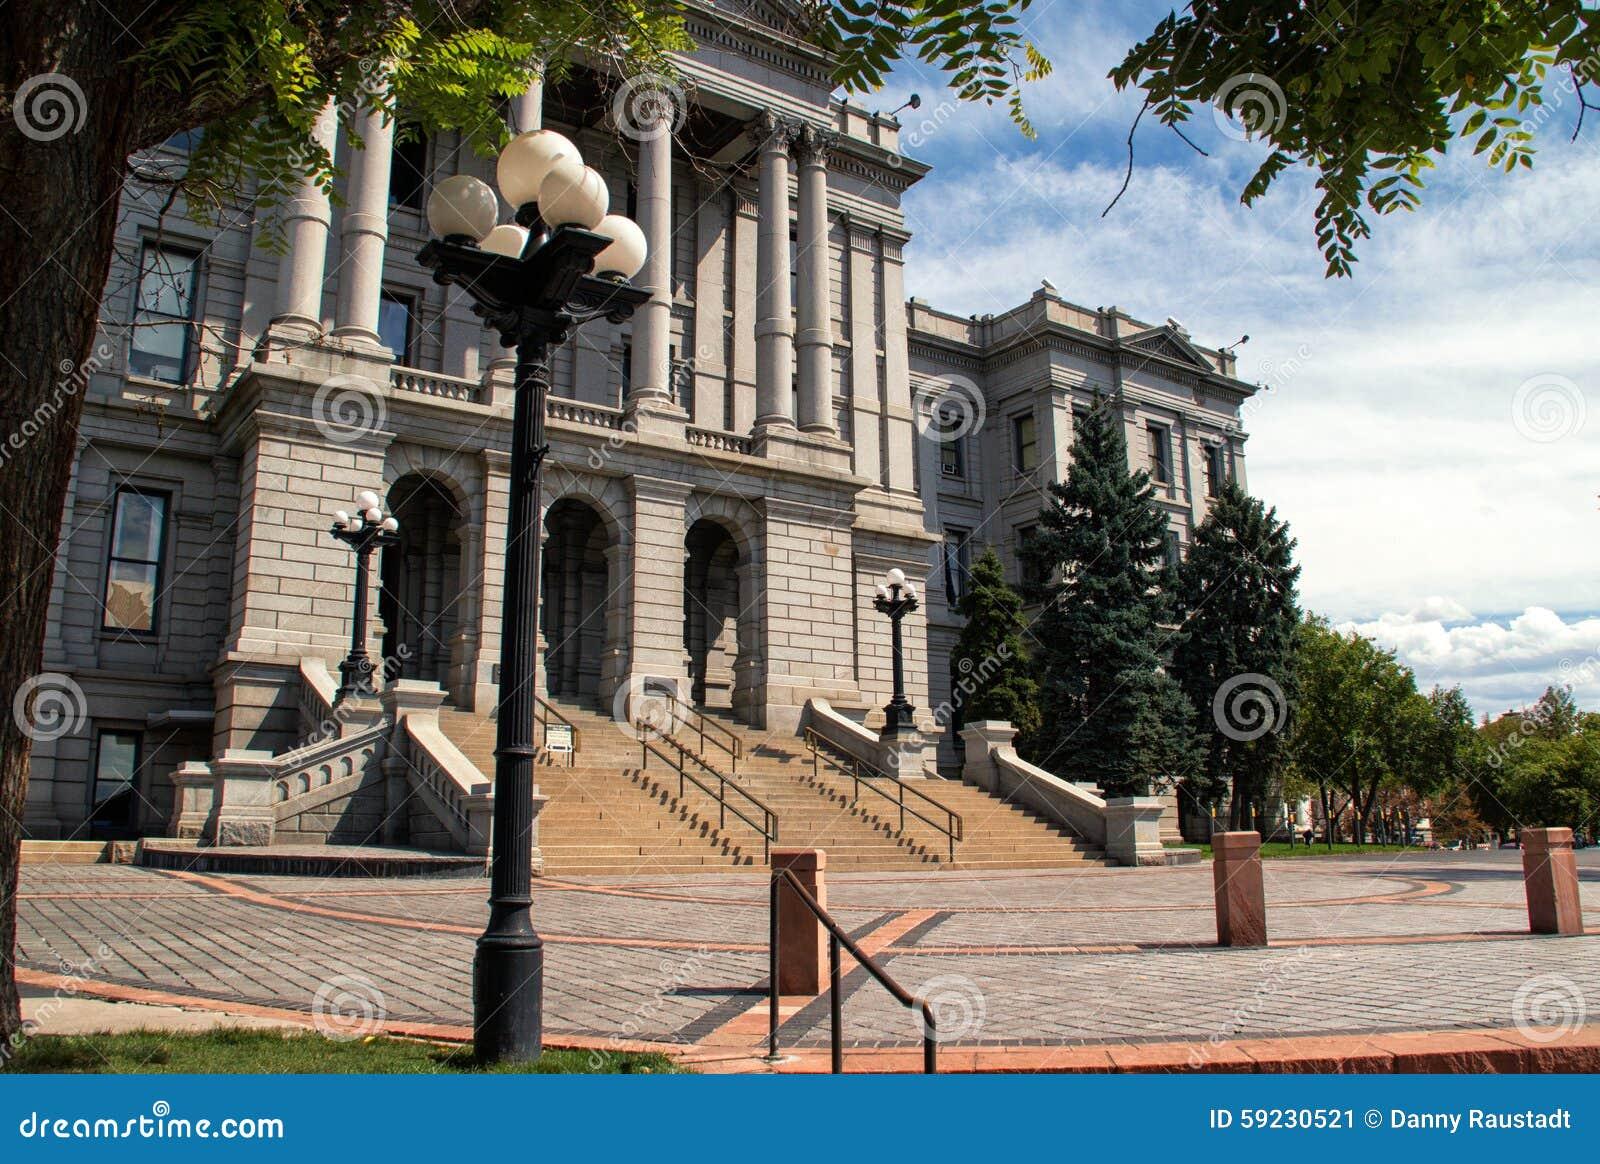 Download Edificio Del Capitolio Del Estado De Colorado En Denver Céntrica Imagen de archivo - Imagen de entrada, frente: 59230521